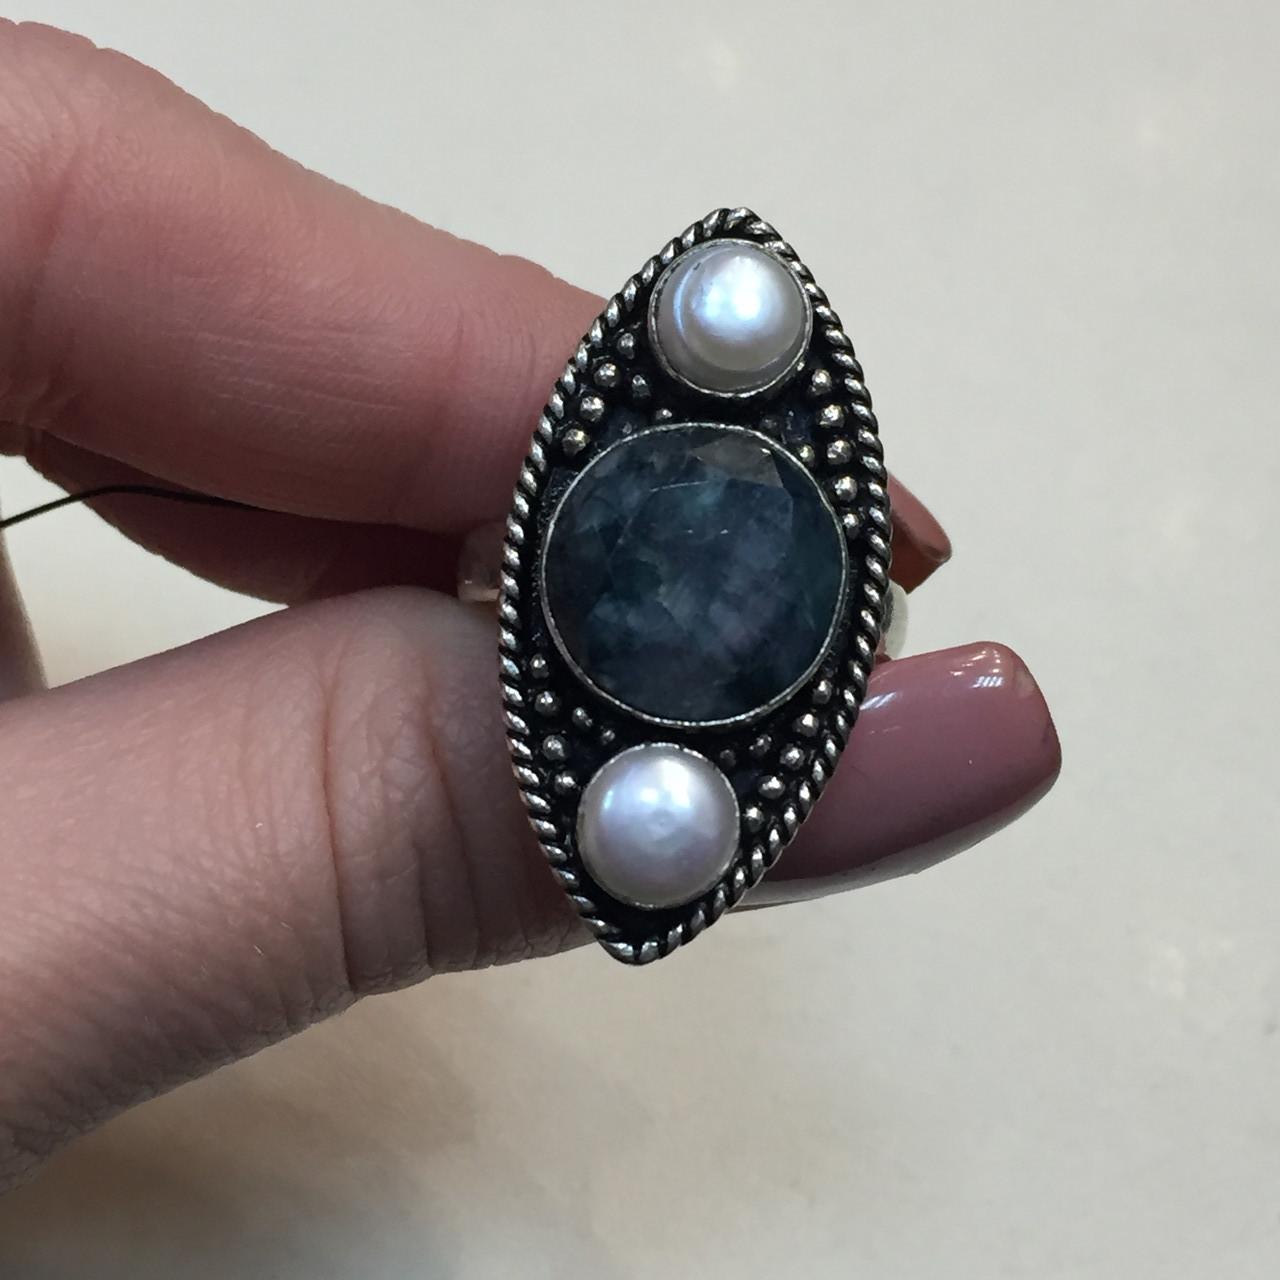 Изумруд кольцо с камнями изумруд и жемчуг в серебре. Размер 19-19,5